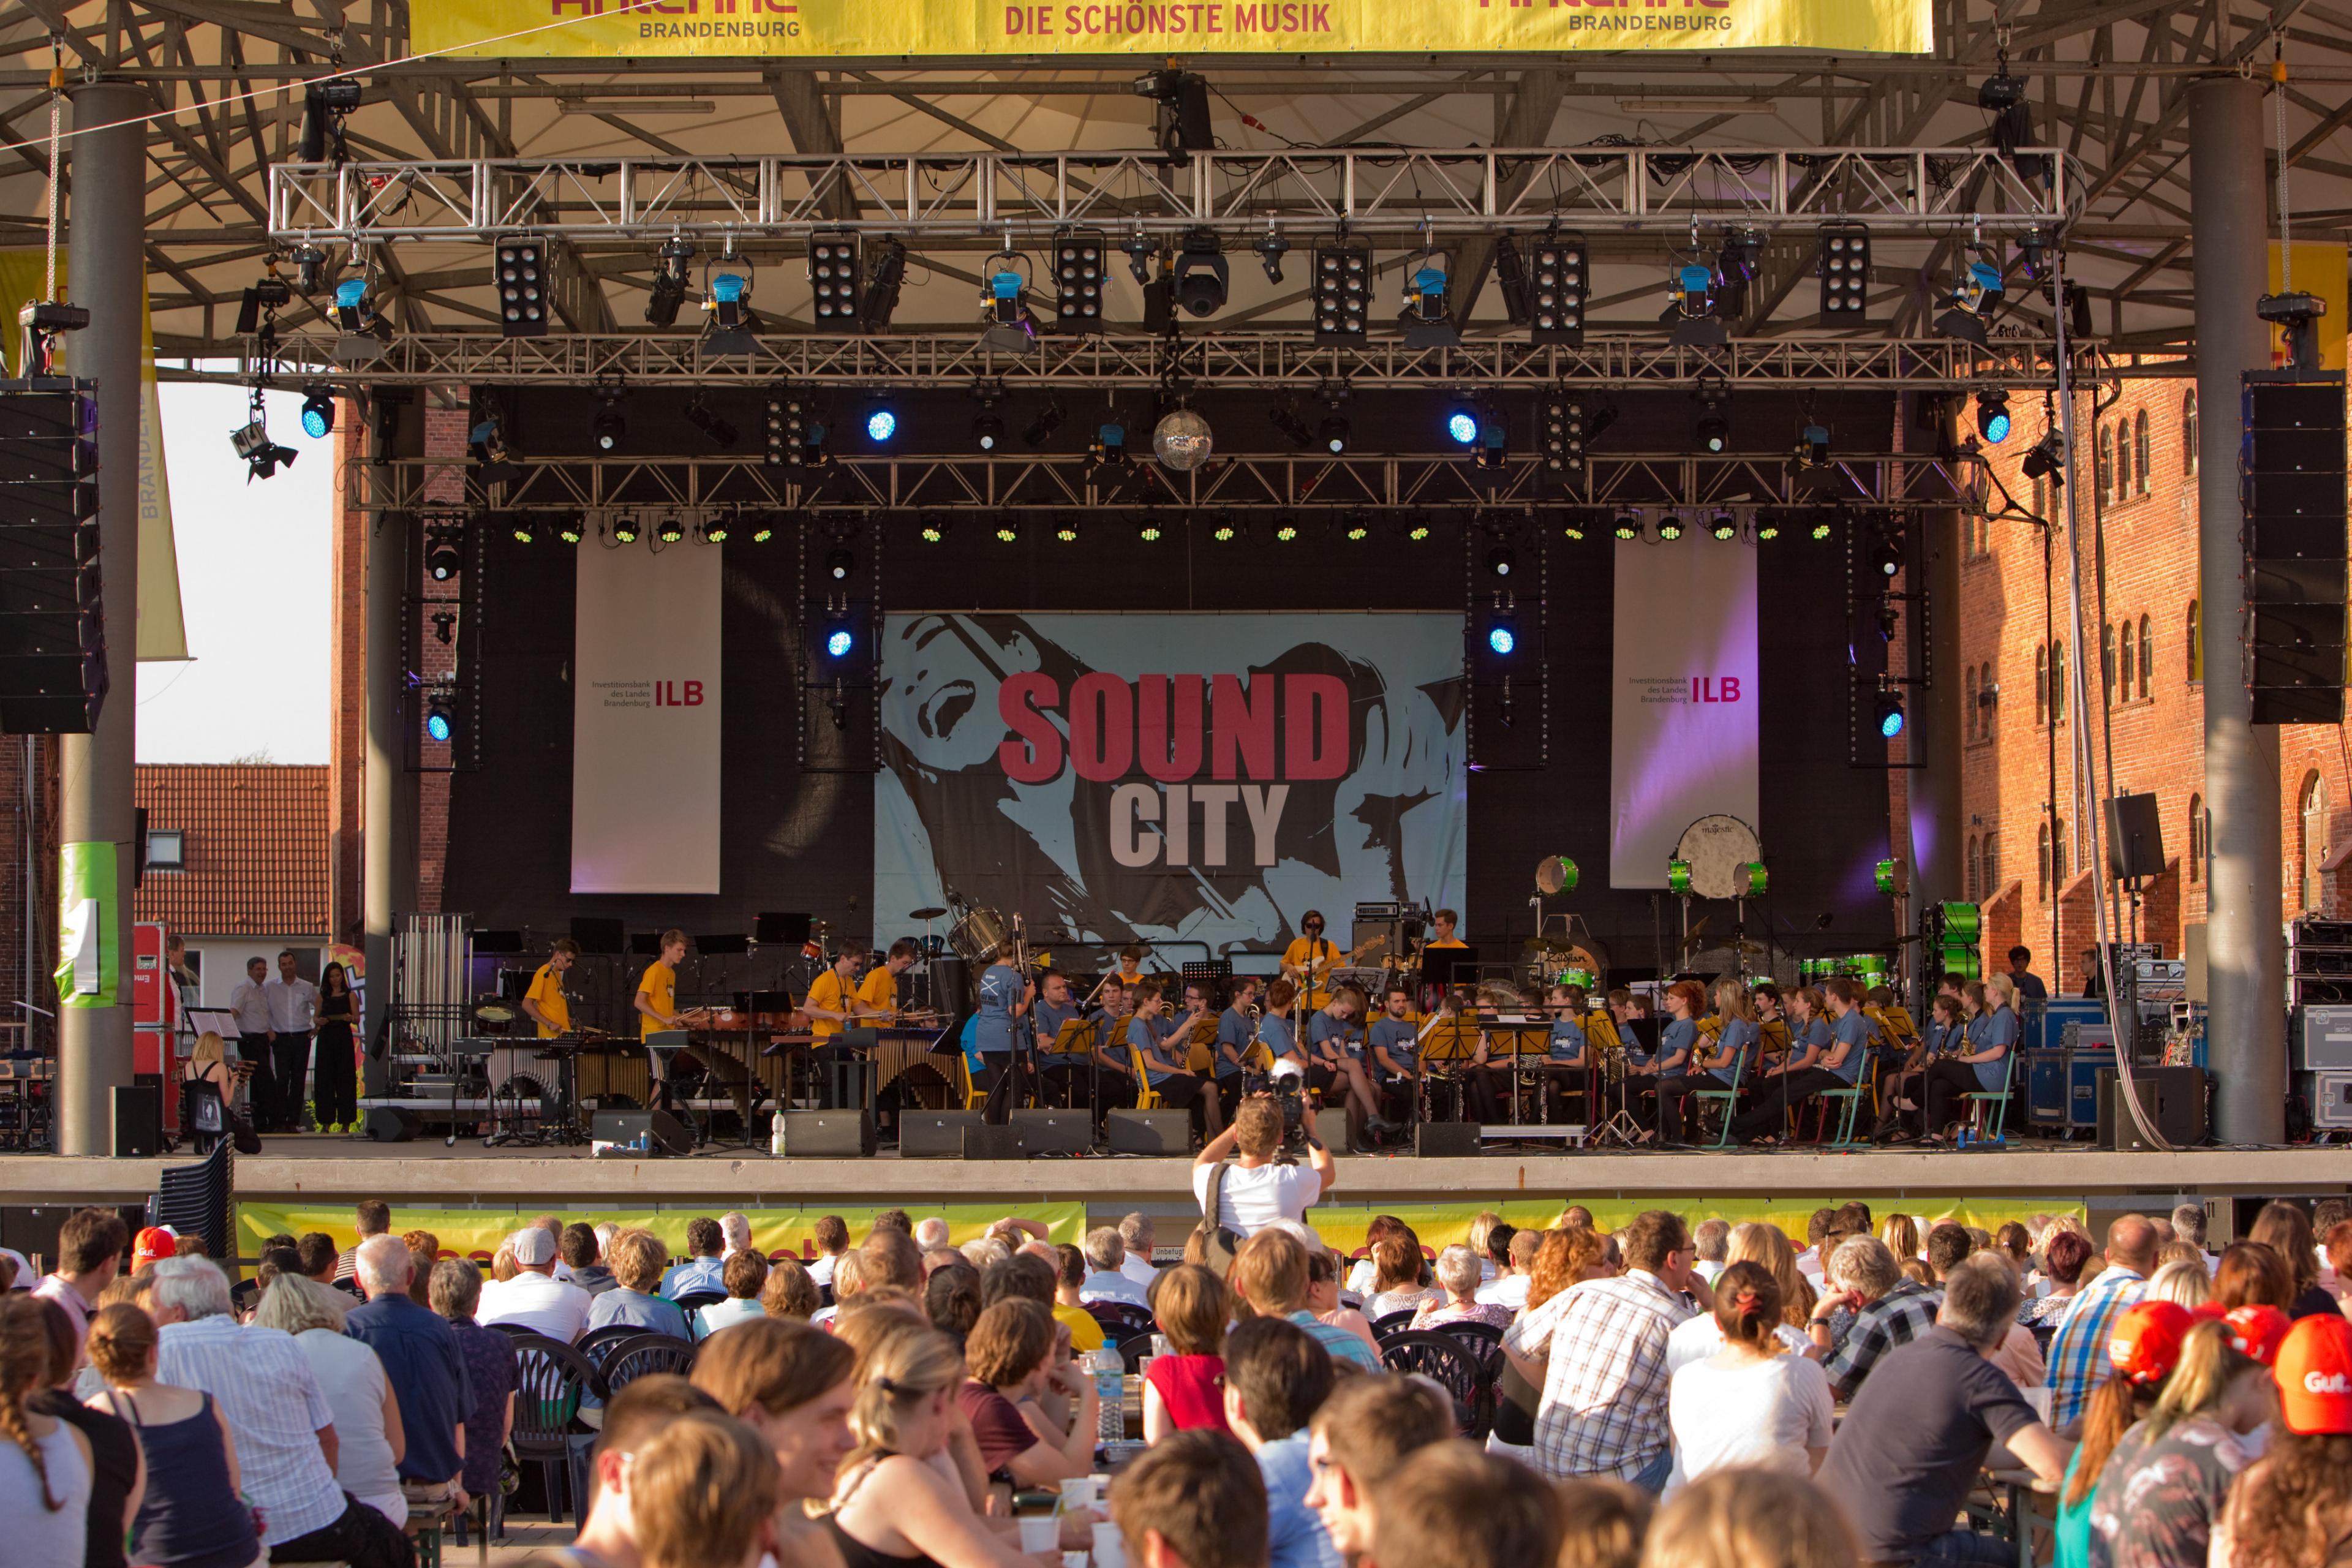 Große Bühnen bei SOUND CITY